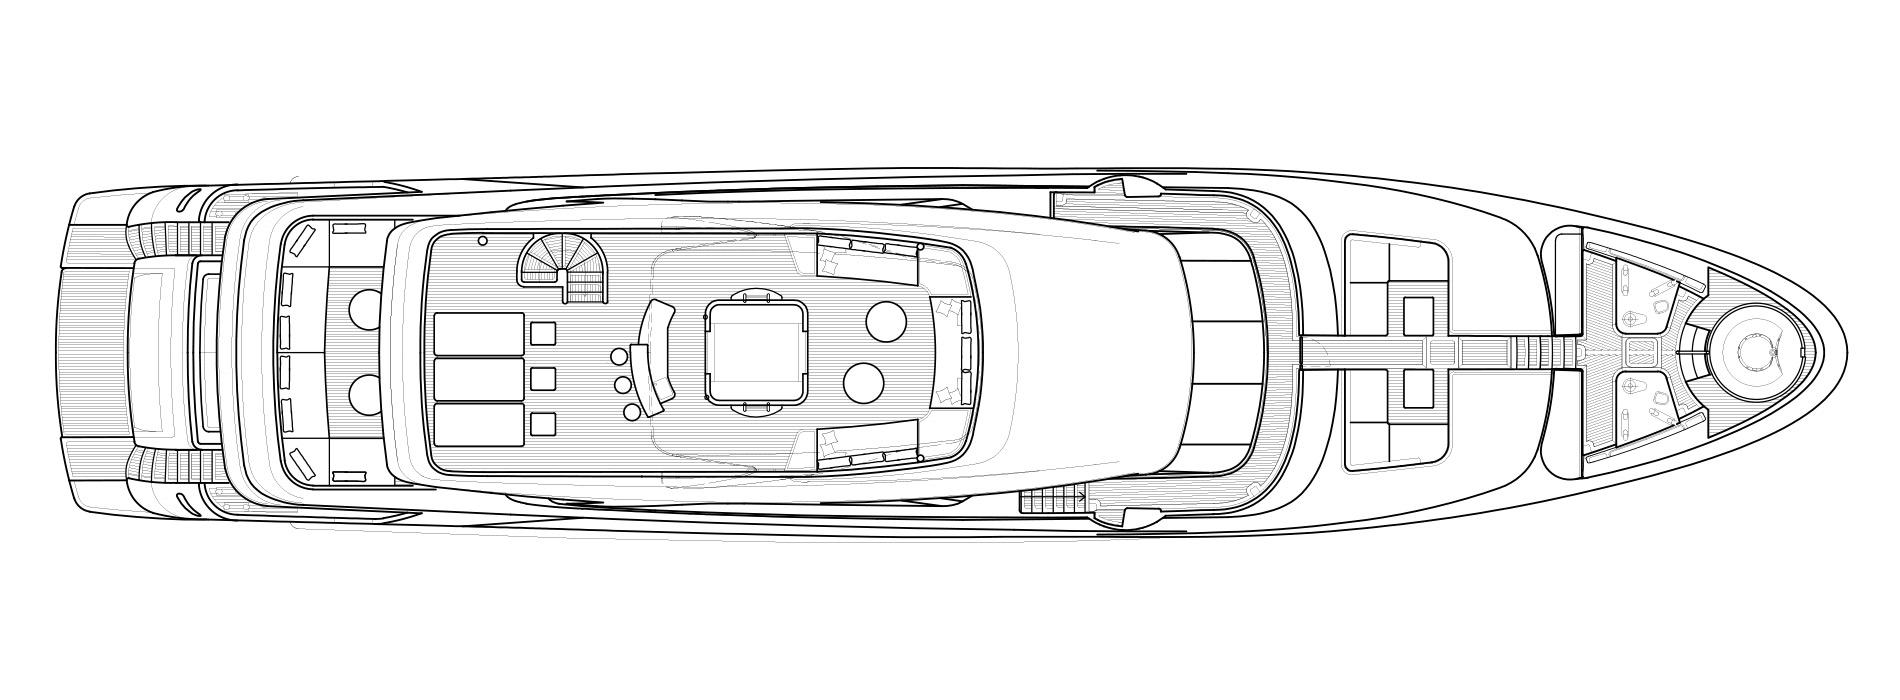 Sanlorenzo Yachts SD126 Außendeck Versione B